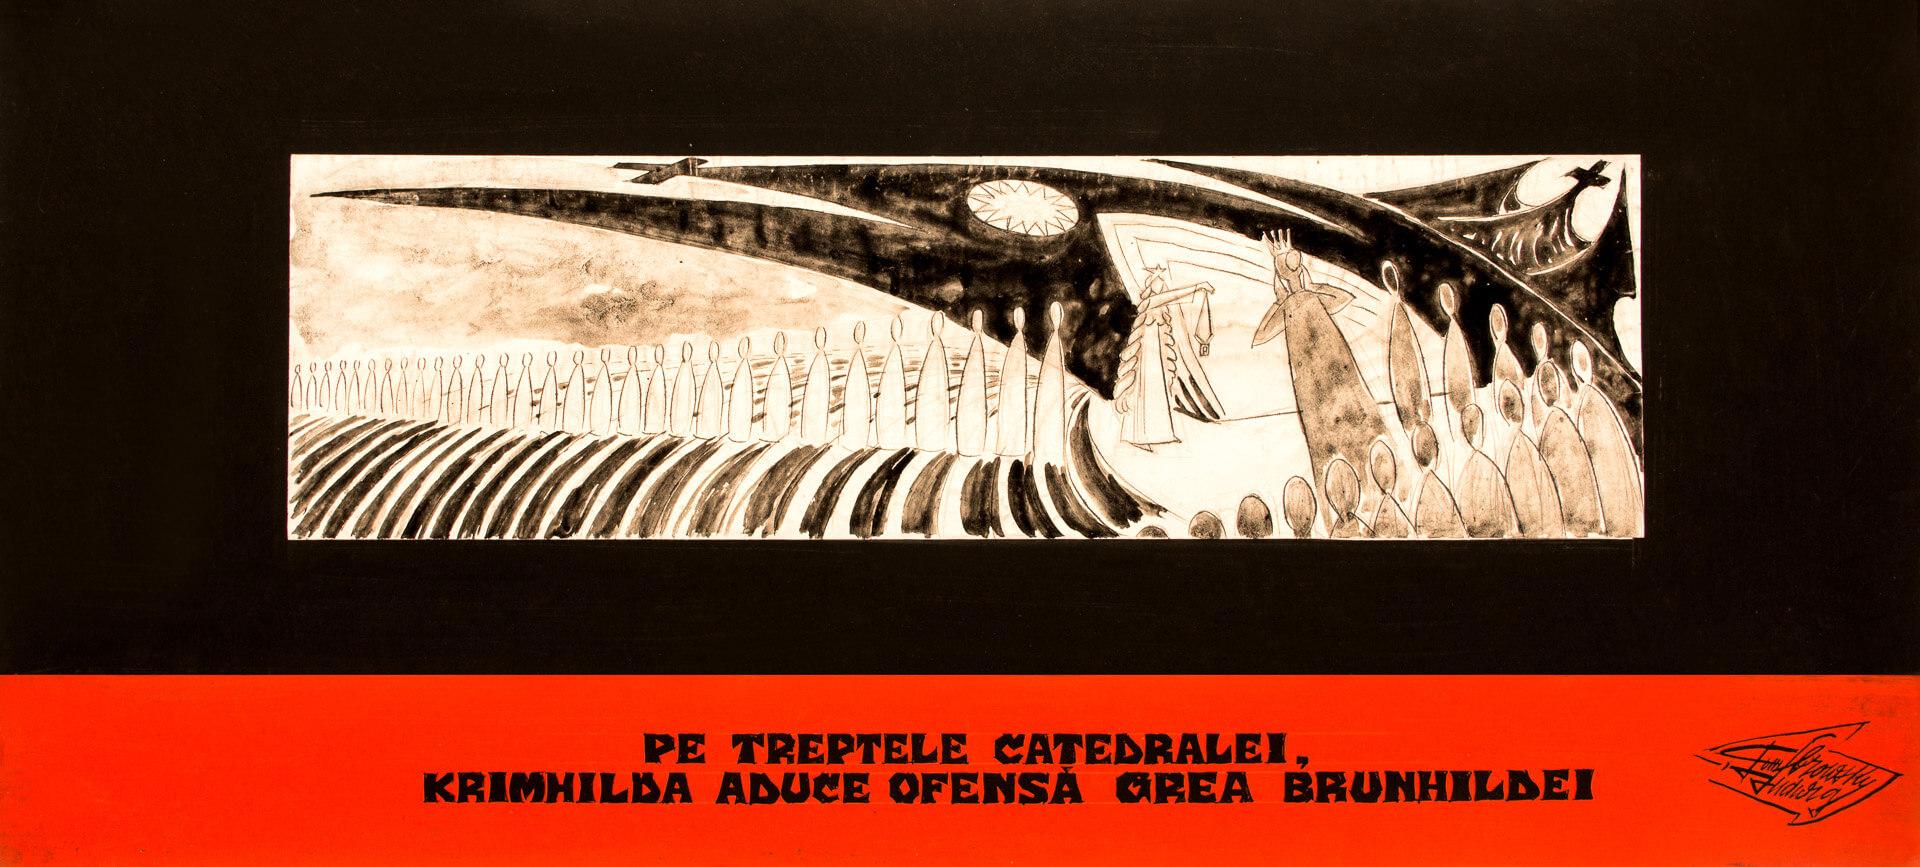 Pe treptele catedralei, Krimhilda aduce ofensă grea Brunhildei